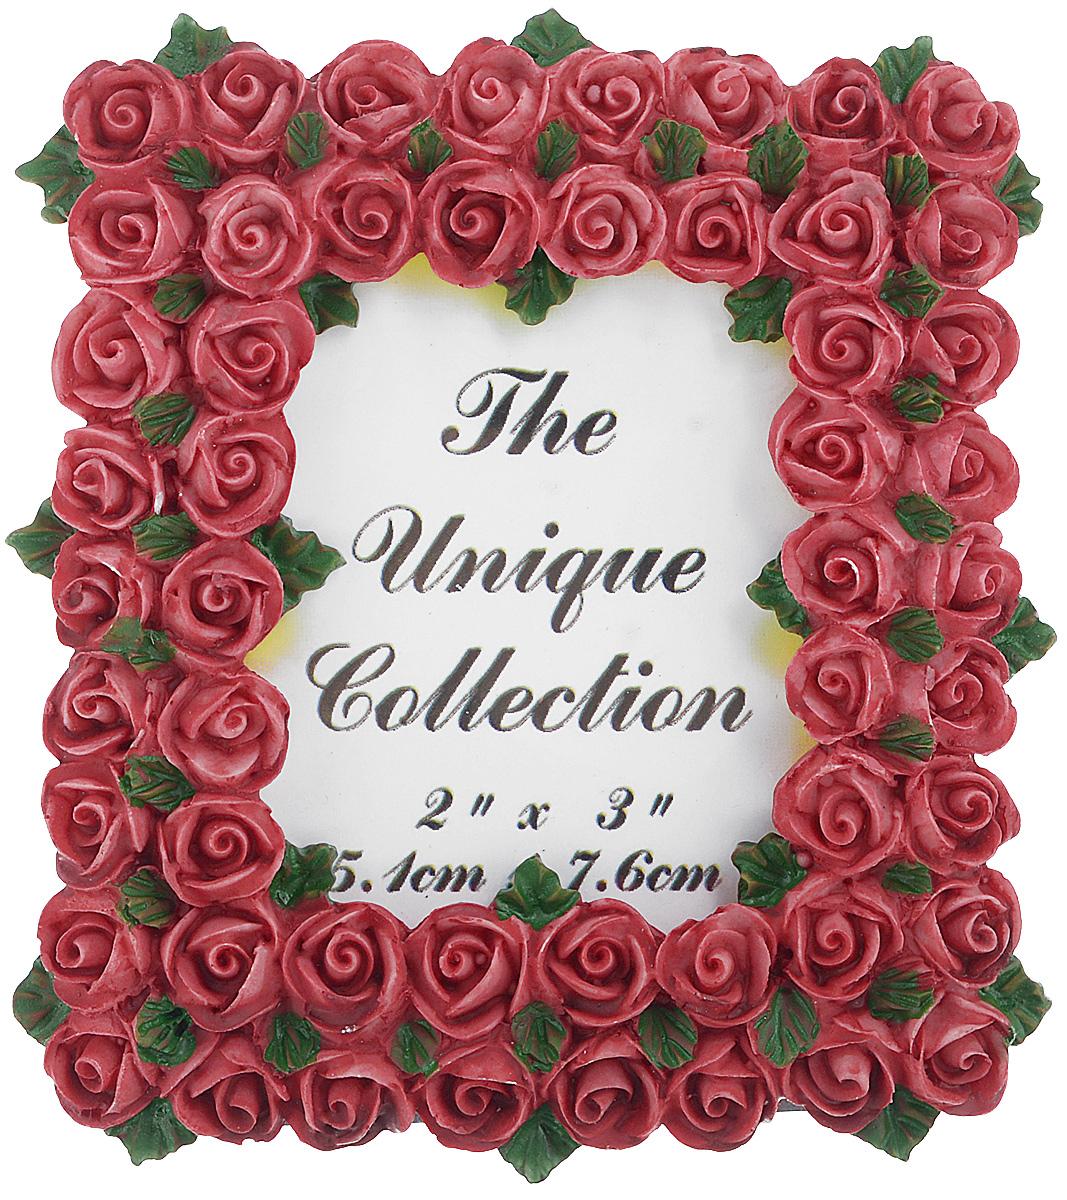 Декоративная фоторамка Home Queen Букет роз, цвет: бордовый, 5,1 см х 7,6 см64058_бордовыйДекоративная фоторамка Home Queen Букет роз поможет вам оригинально дополнить интерьер помещения. Фоторамка декорирована изображением роз. Задняя сторона оснащена ножкой для размещения на столе.Такая рамка позволит сохранить на память изображения дорогих вам людей и интересных событий вашей жизни, а также станет приятным подарком для каждого. Размер фотографии: 5,1 см х 7,6 см.Размер фоторамки: 8 см х 8,5 см.